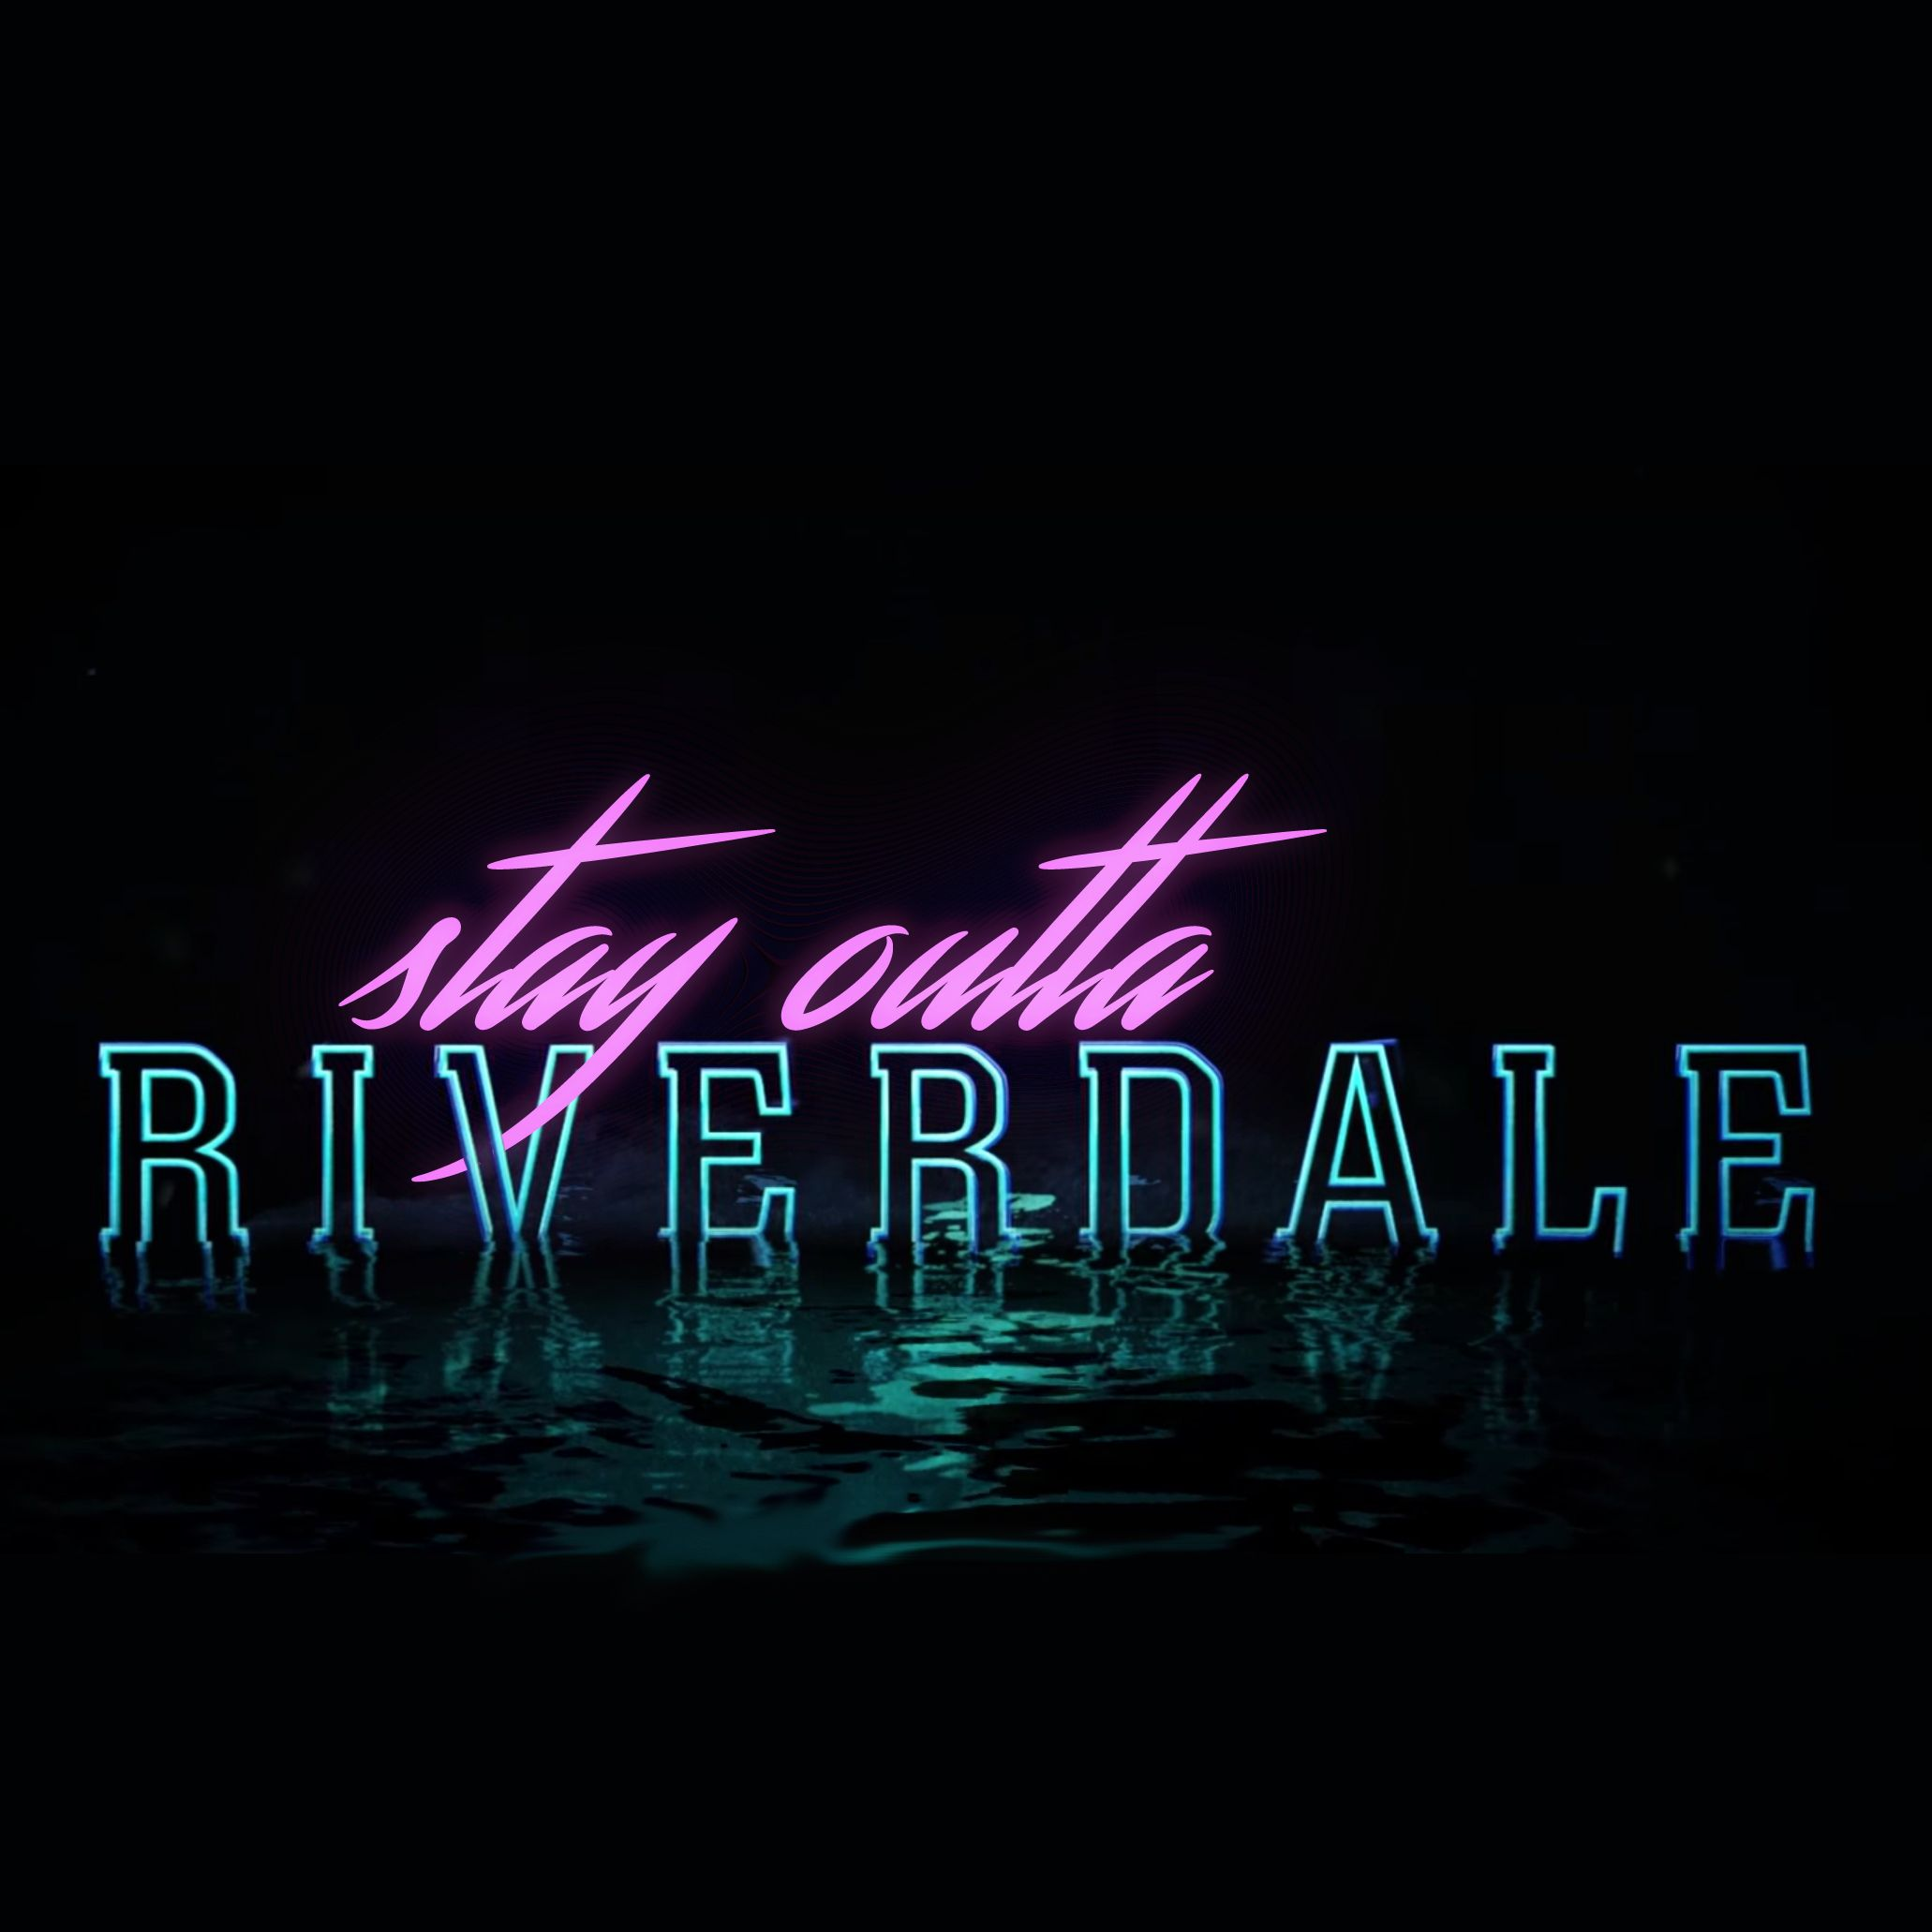 Riverdale Wallpaper